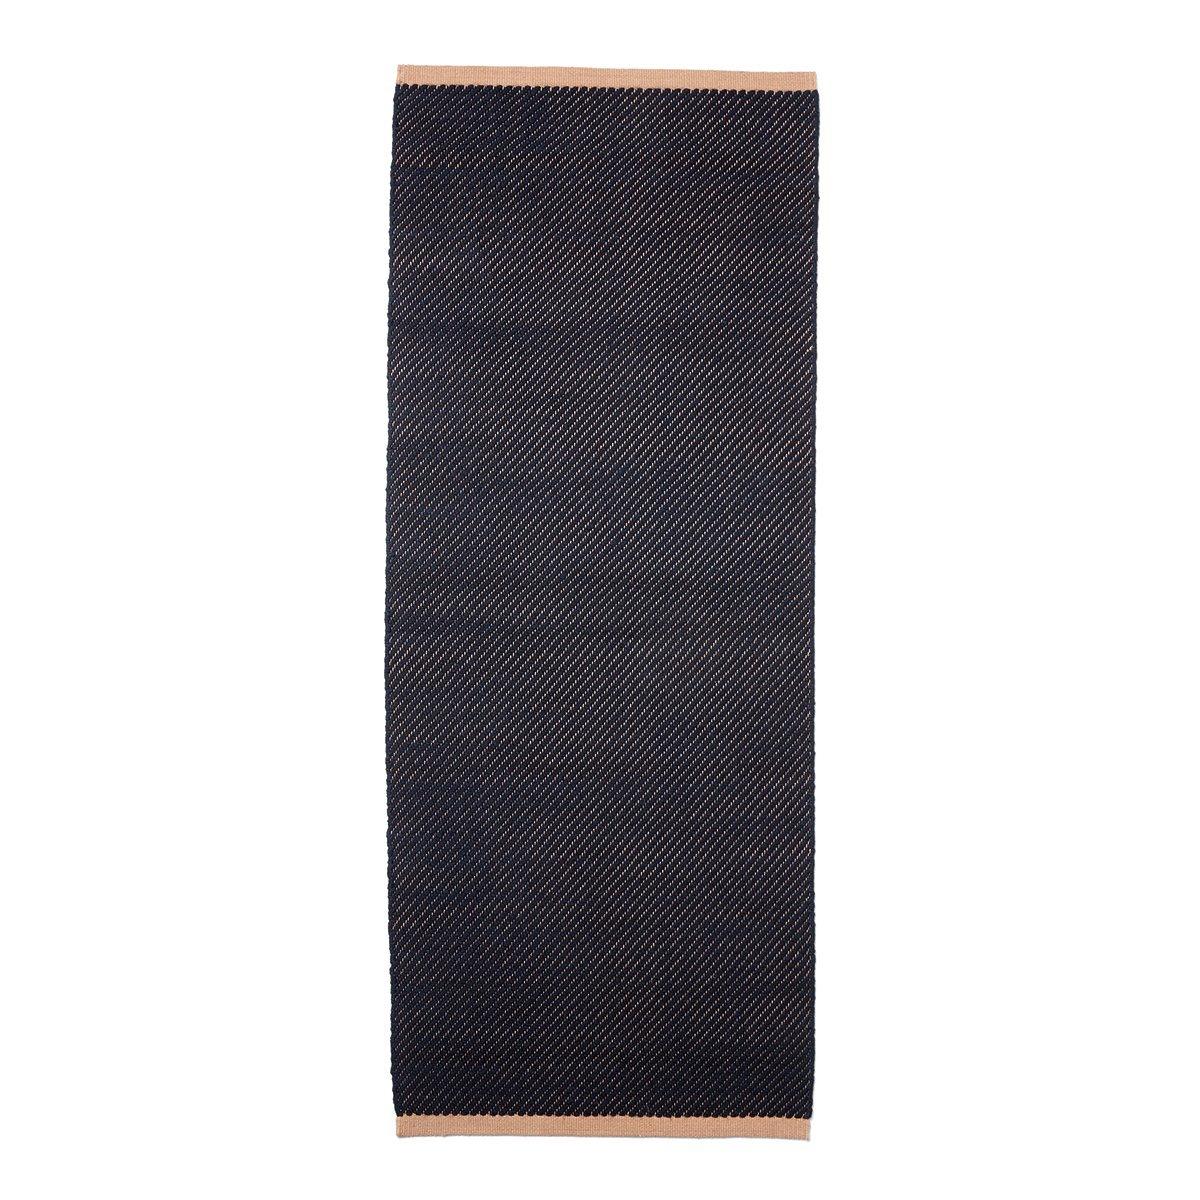 HAY Bias Vloerkleed - Dark Blue - 240 x 170 cm.